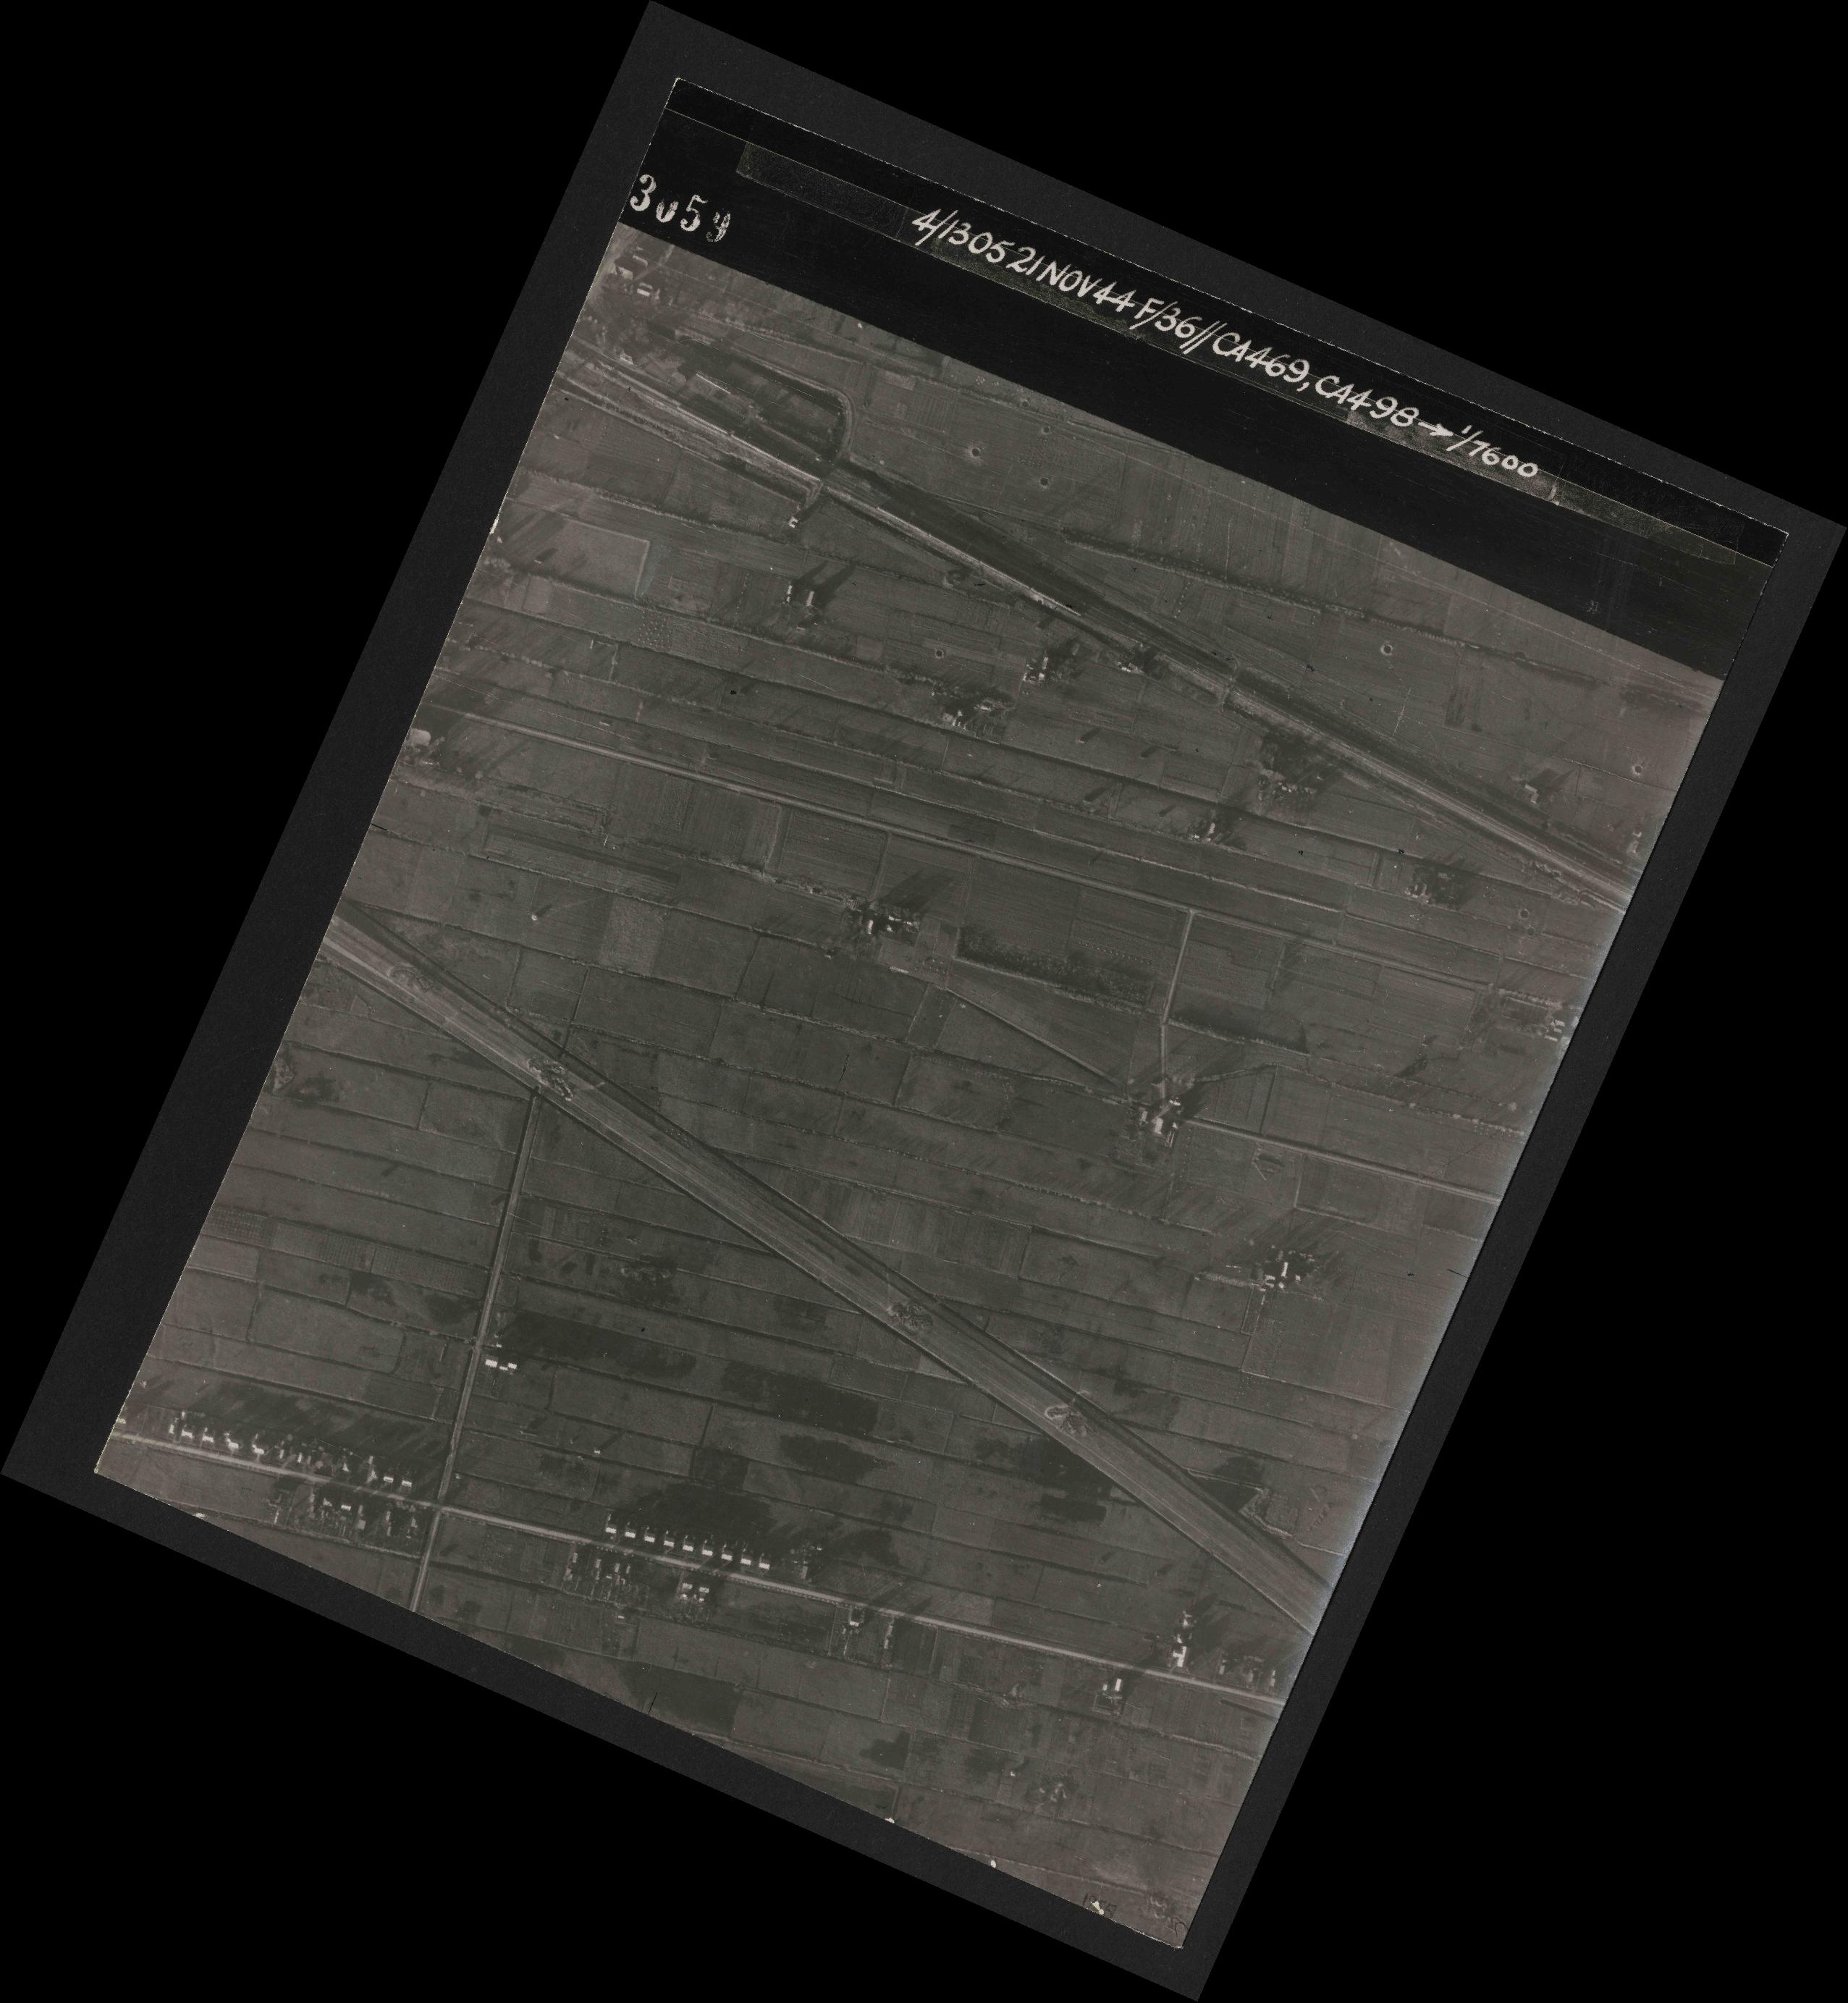 Collection RAF aerial photos 1940-1945 - flight 237, run 15, photo 3059